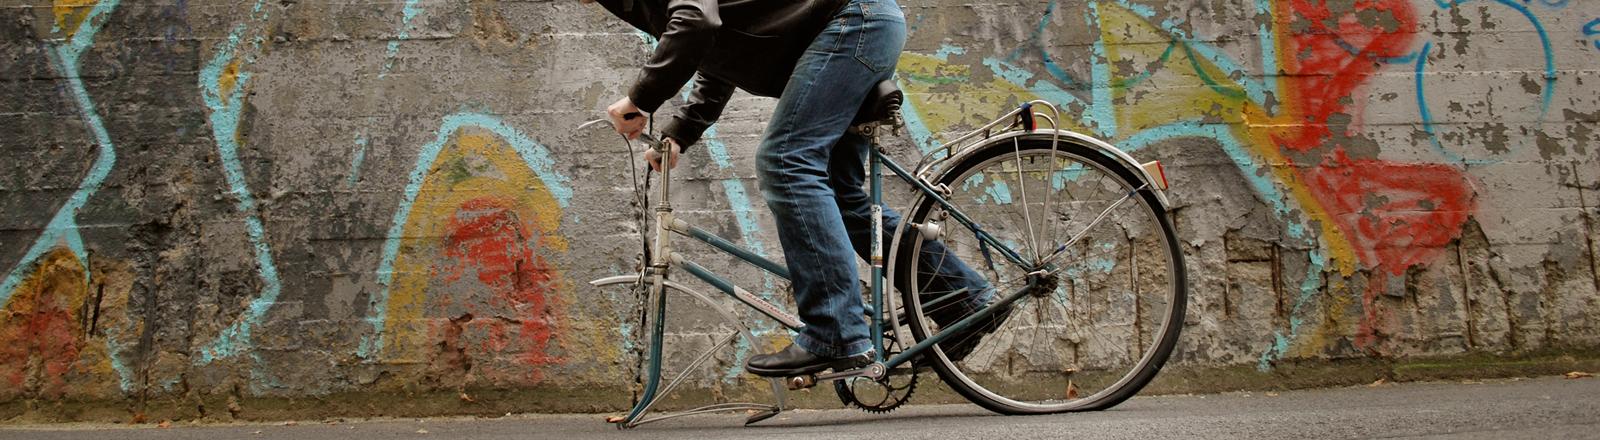 Ein Fahrrad bei dem das Vorderrad fehlt